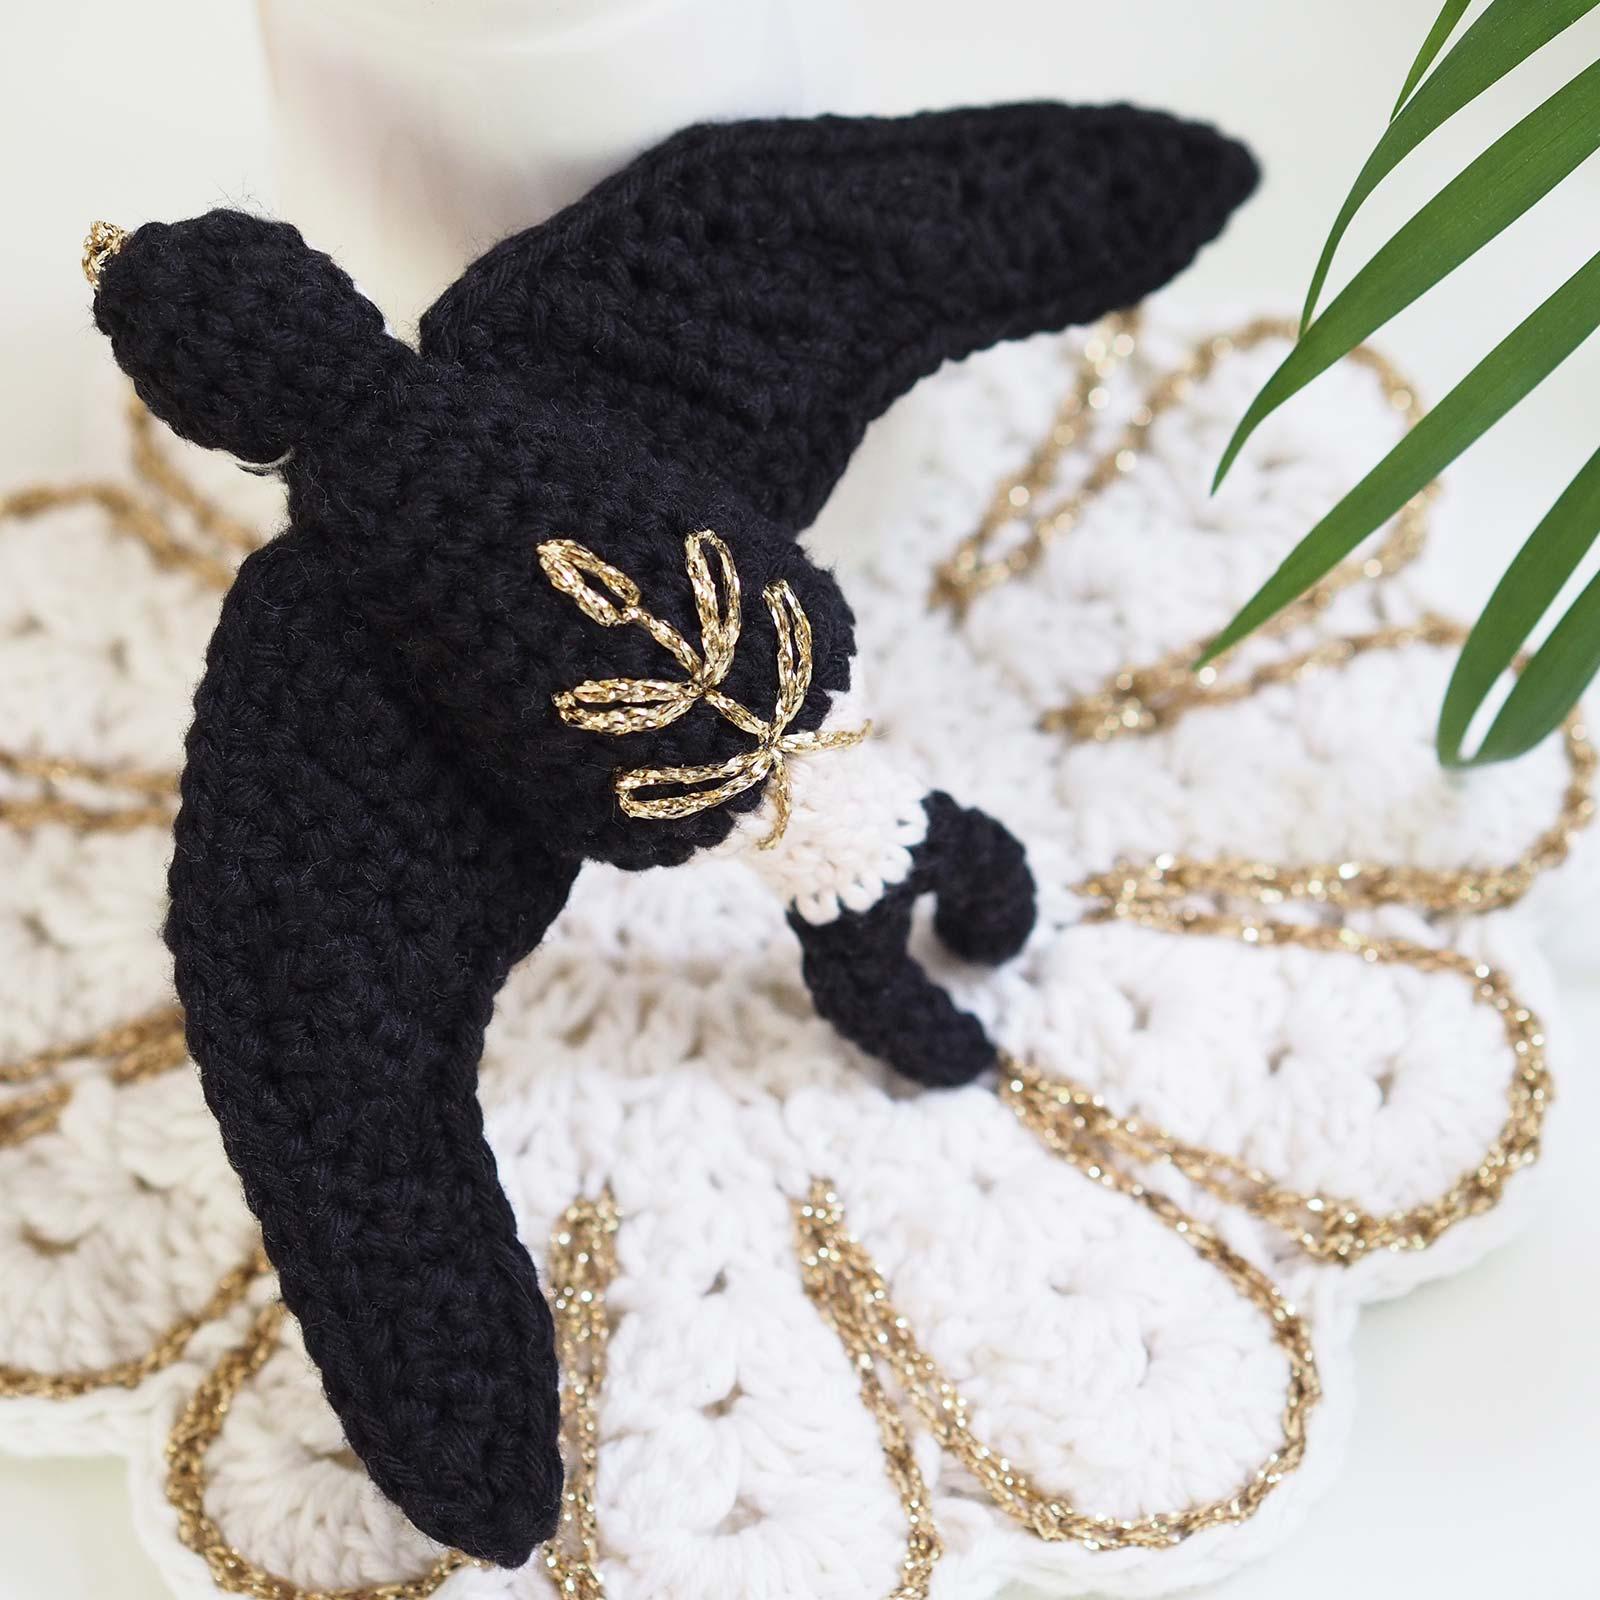 deco-boheme-hirondelle-tuto-crochet-diymelimelo-laboutiquedemelimelo